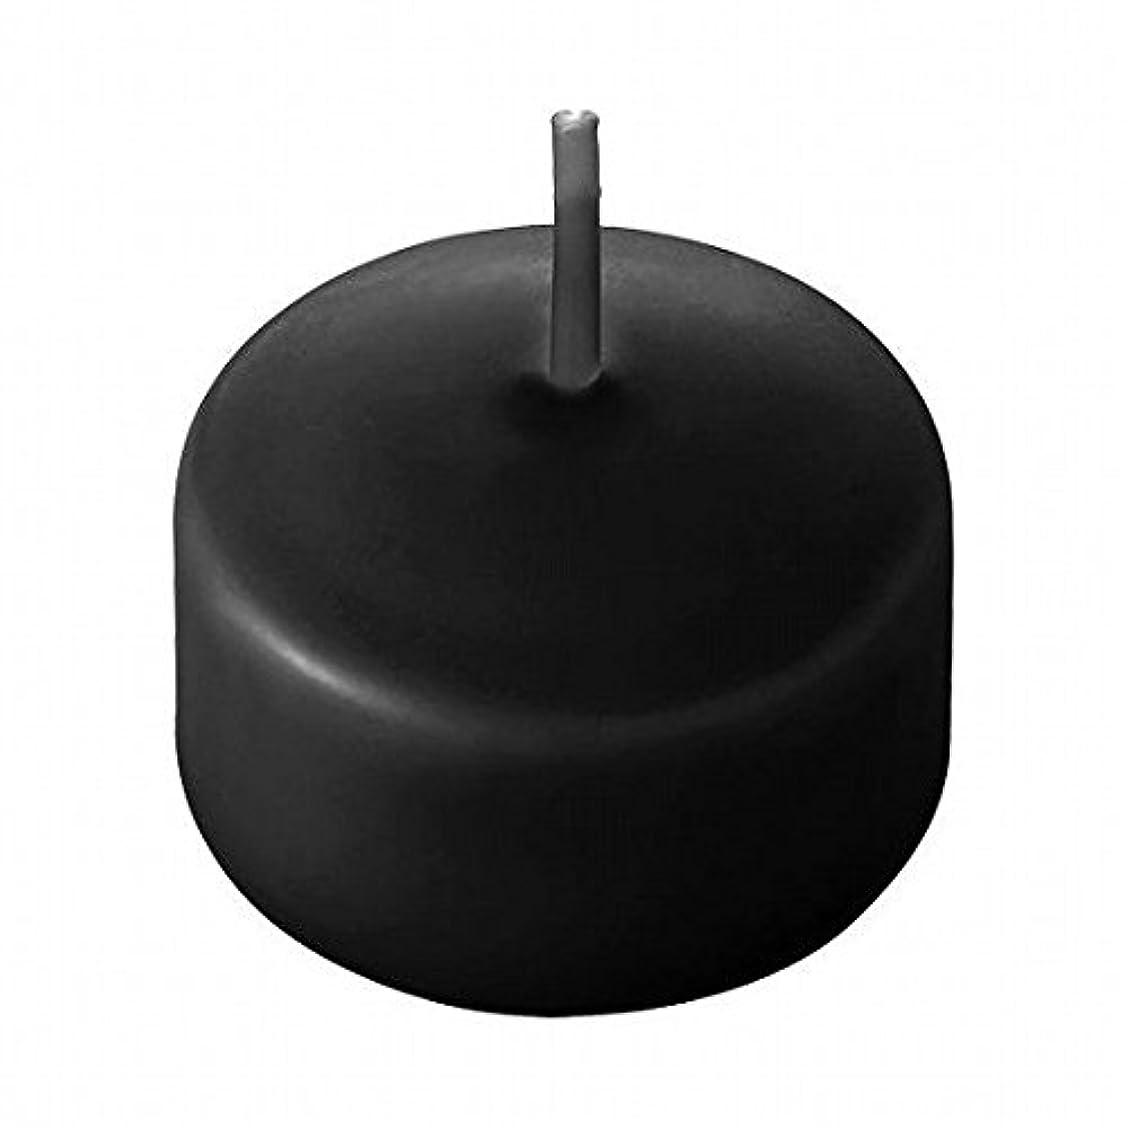 遠いずっと薬剤師kameyama candle(カメヤマキャンドル) キャンドル ハッピープール(カラーアトリエ) 「 ブラック 」 24個入り キャンドル (72800000BK)